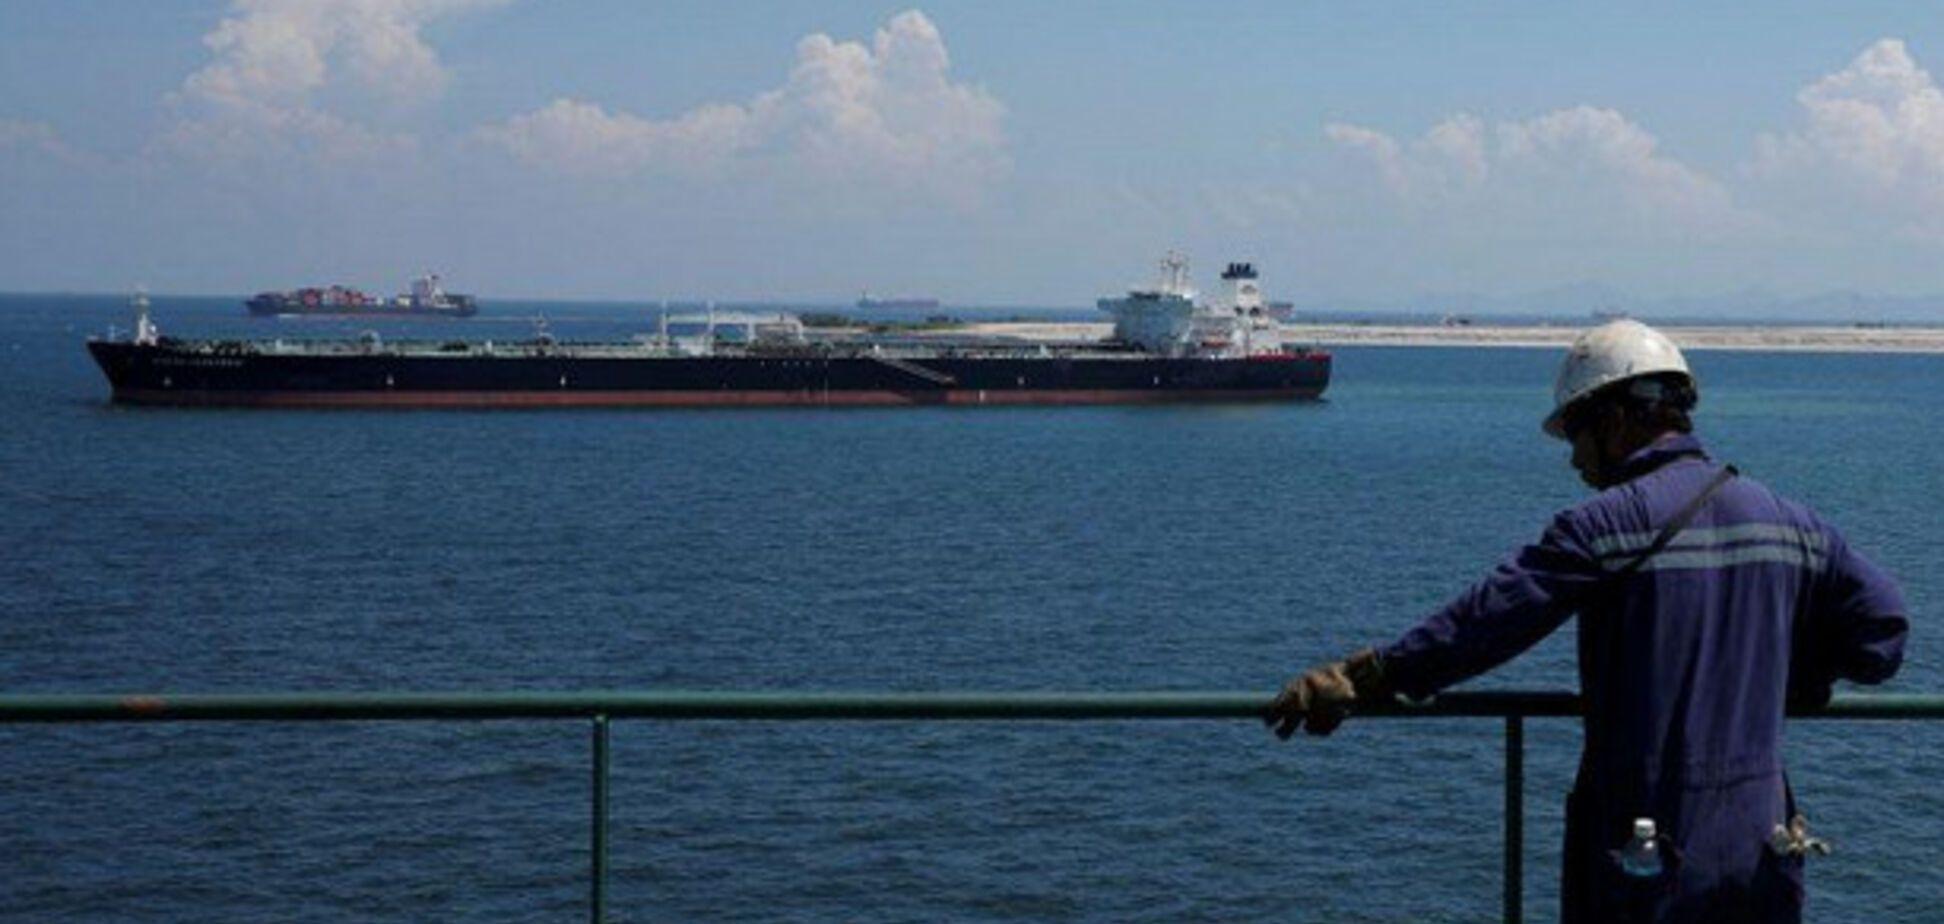 Разгар нефтекризиса: Калифорнию окружили танкеры с 20 млн баррелями сырья